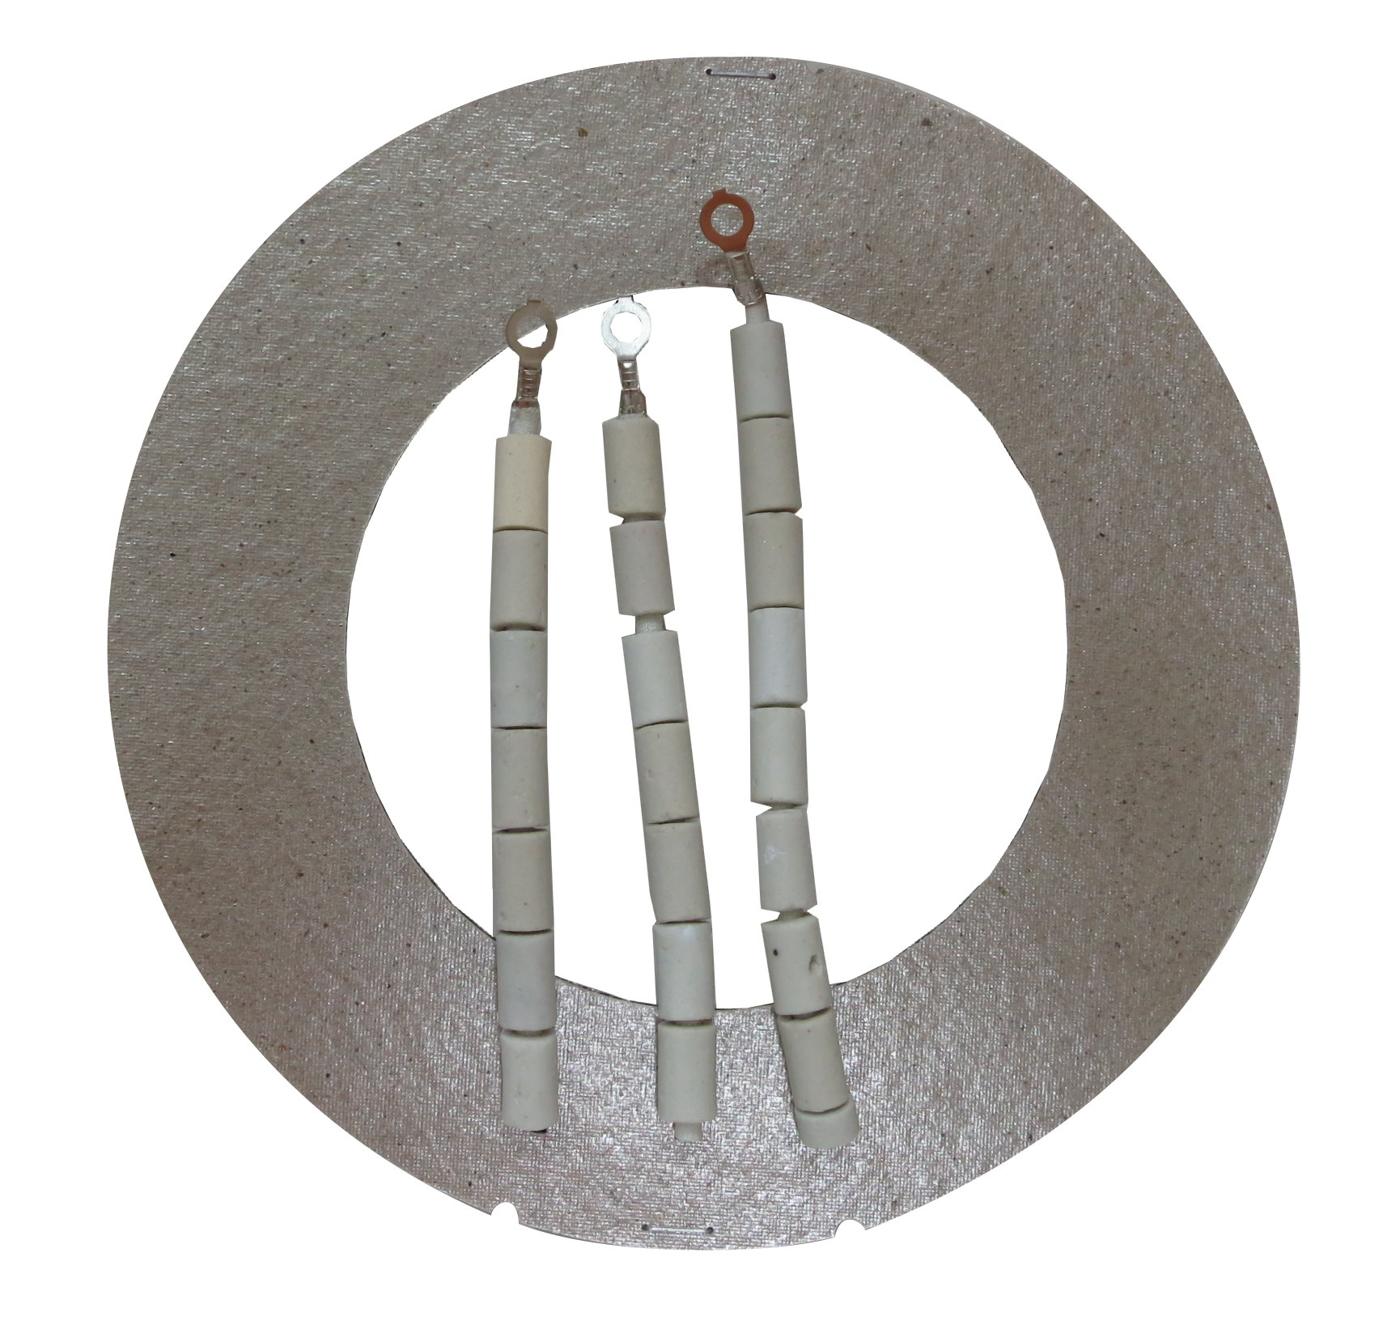 15人3線電鍋電熱片大同電鍋電熱片適用6 10 15人電鍋加熱片加熱器